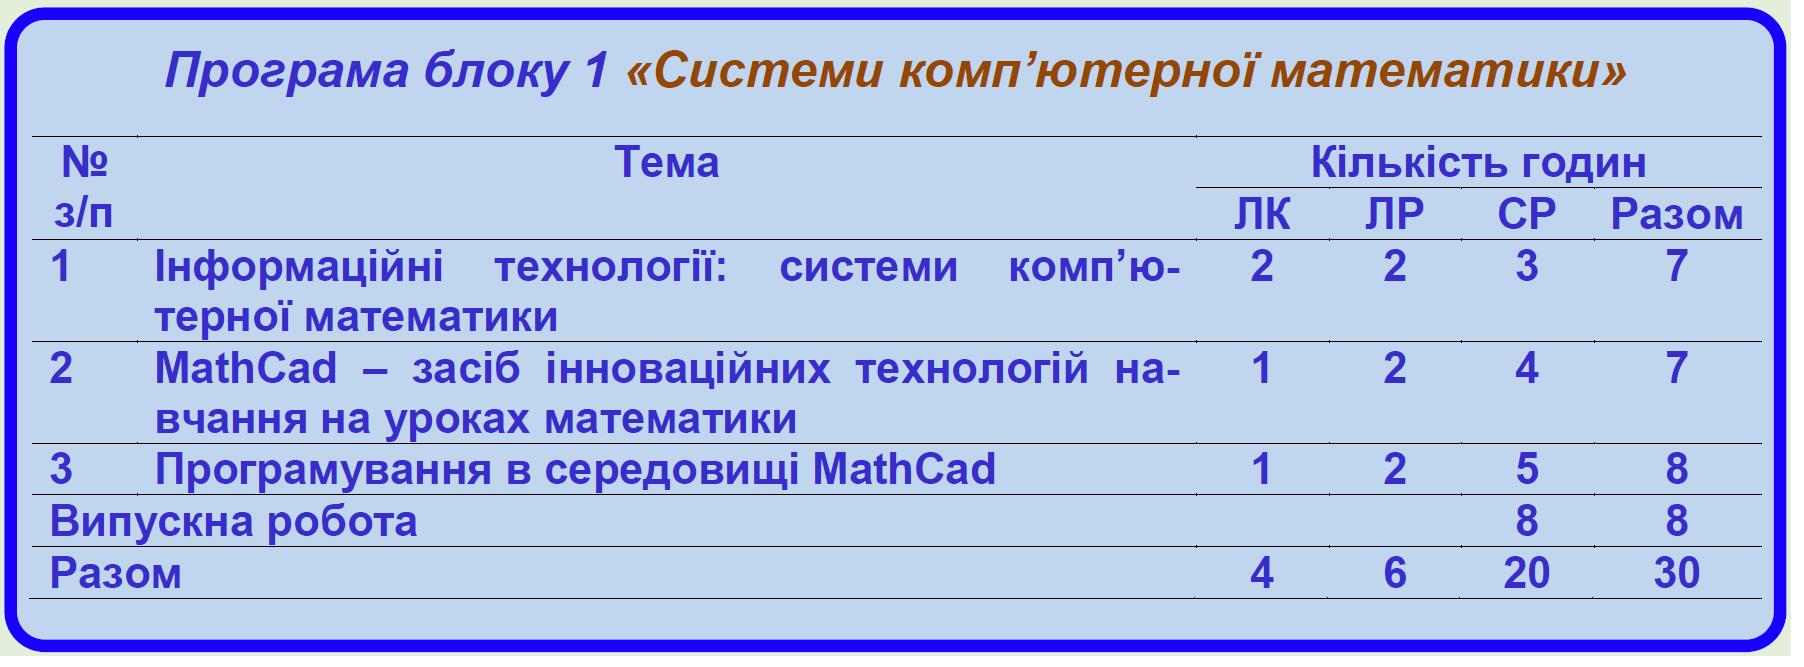 Програма блоку 1 «Системи комп'ютерної математики»